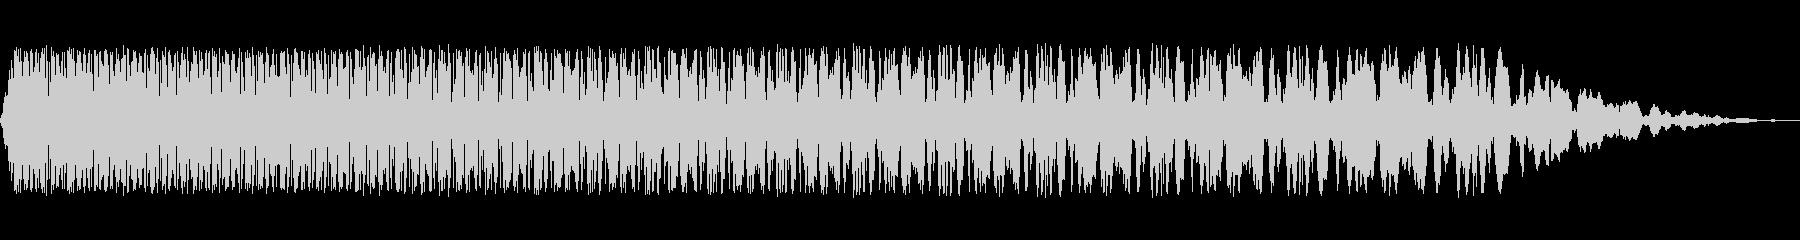 ウィンドダウンディスソルブ2の未再生の波形